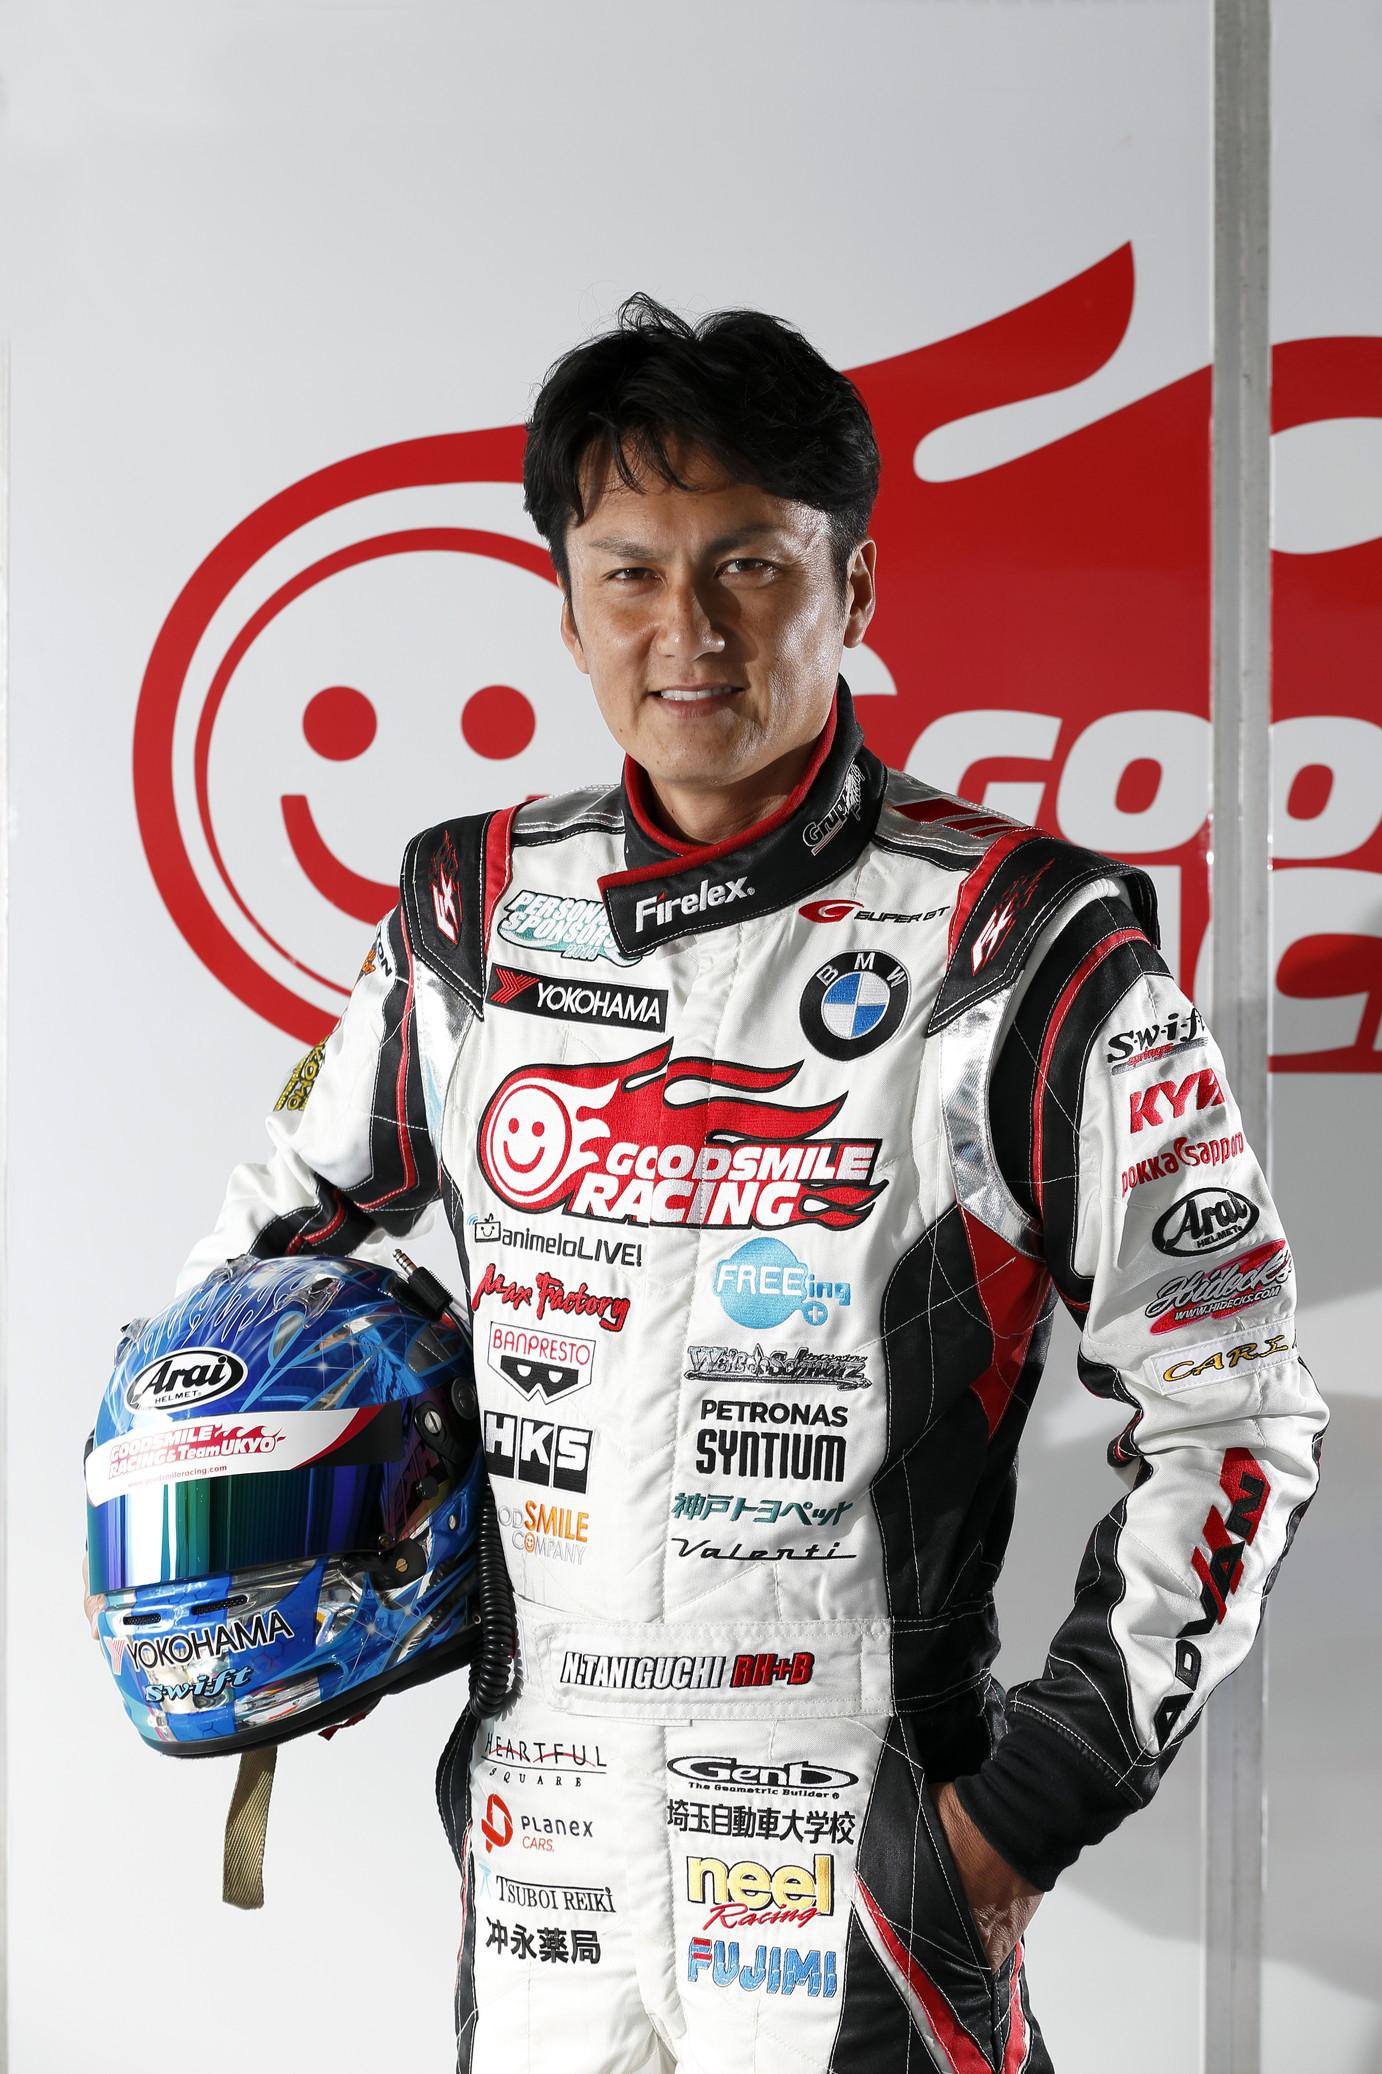 レースアーカイブ 2014~2015 Goodsmile Racing 公式応援サイト